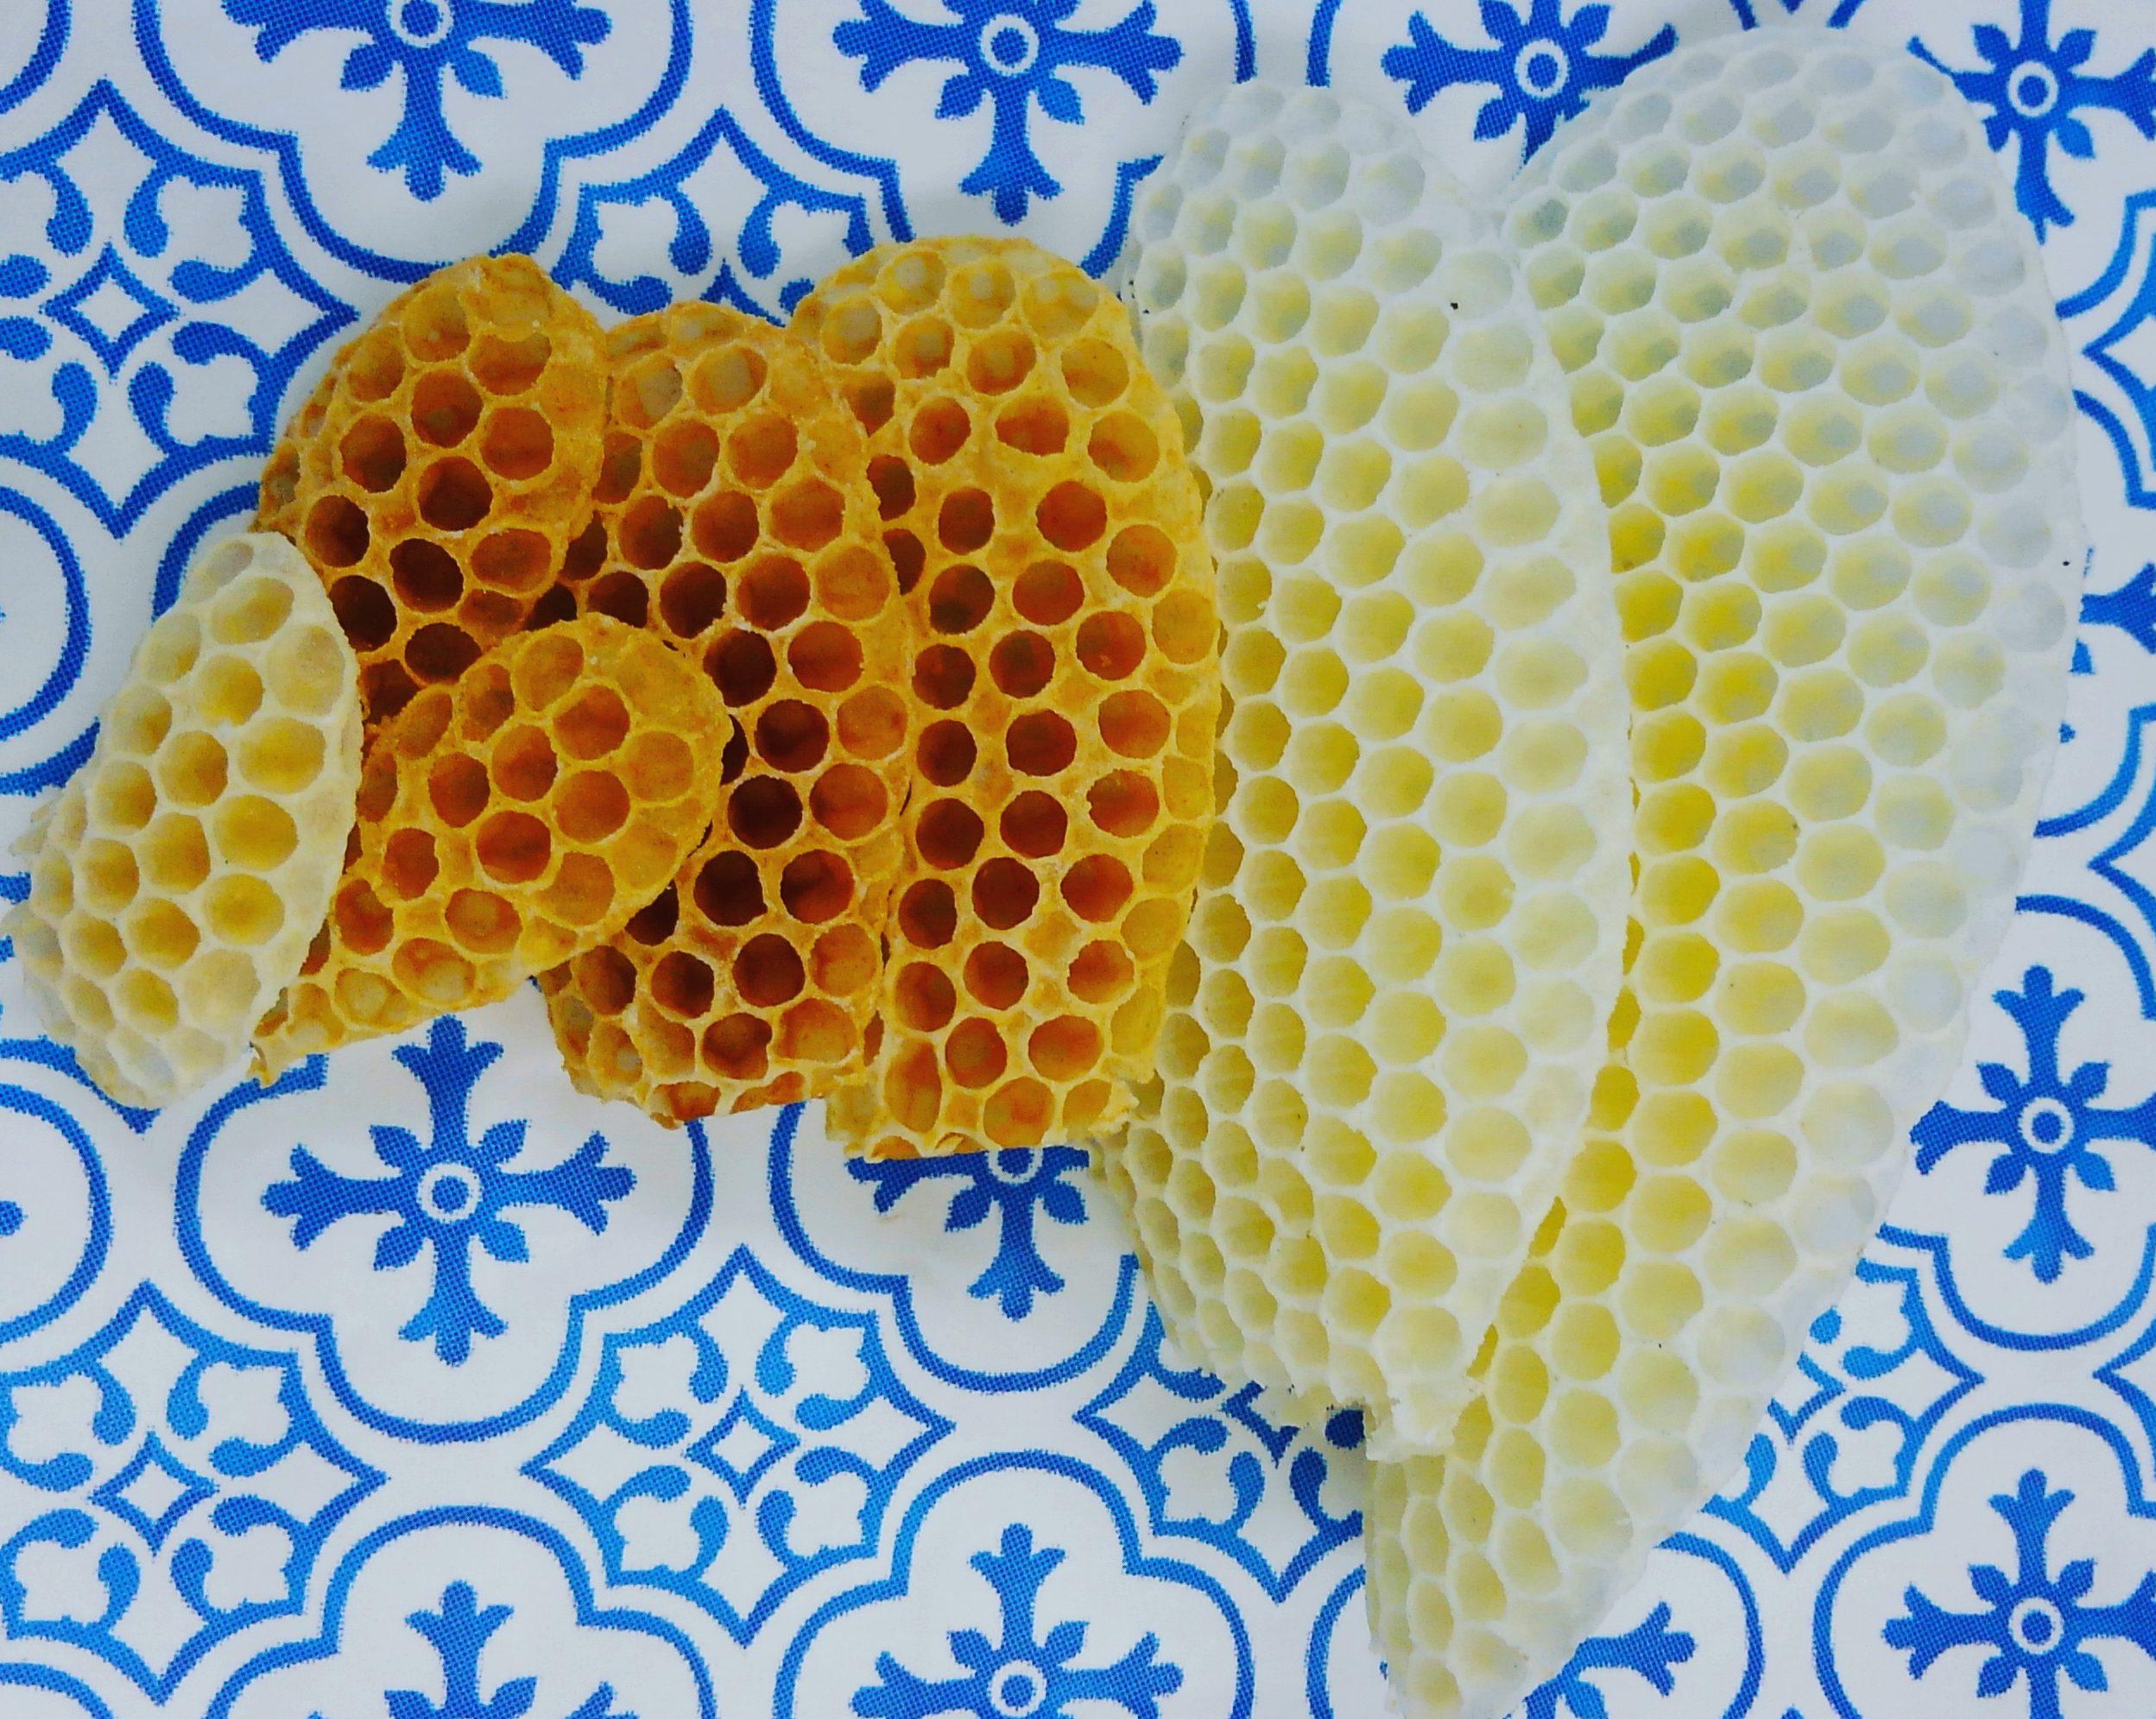 ミツロウって蜜蜂の口から出される物質じゃないの??